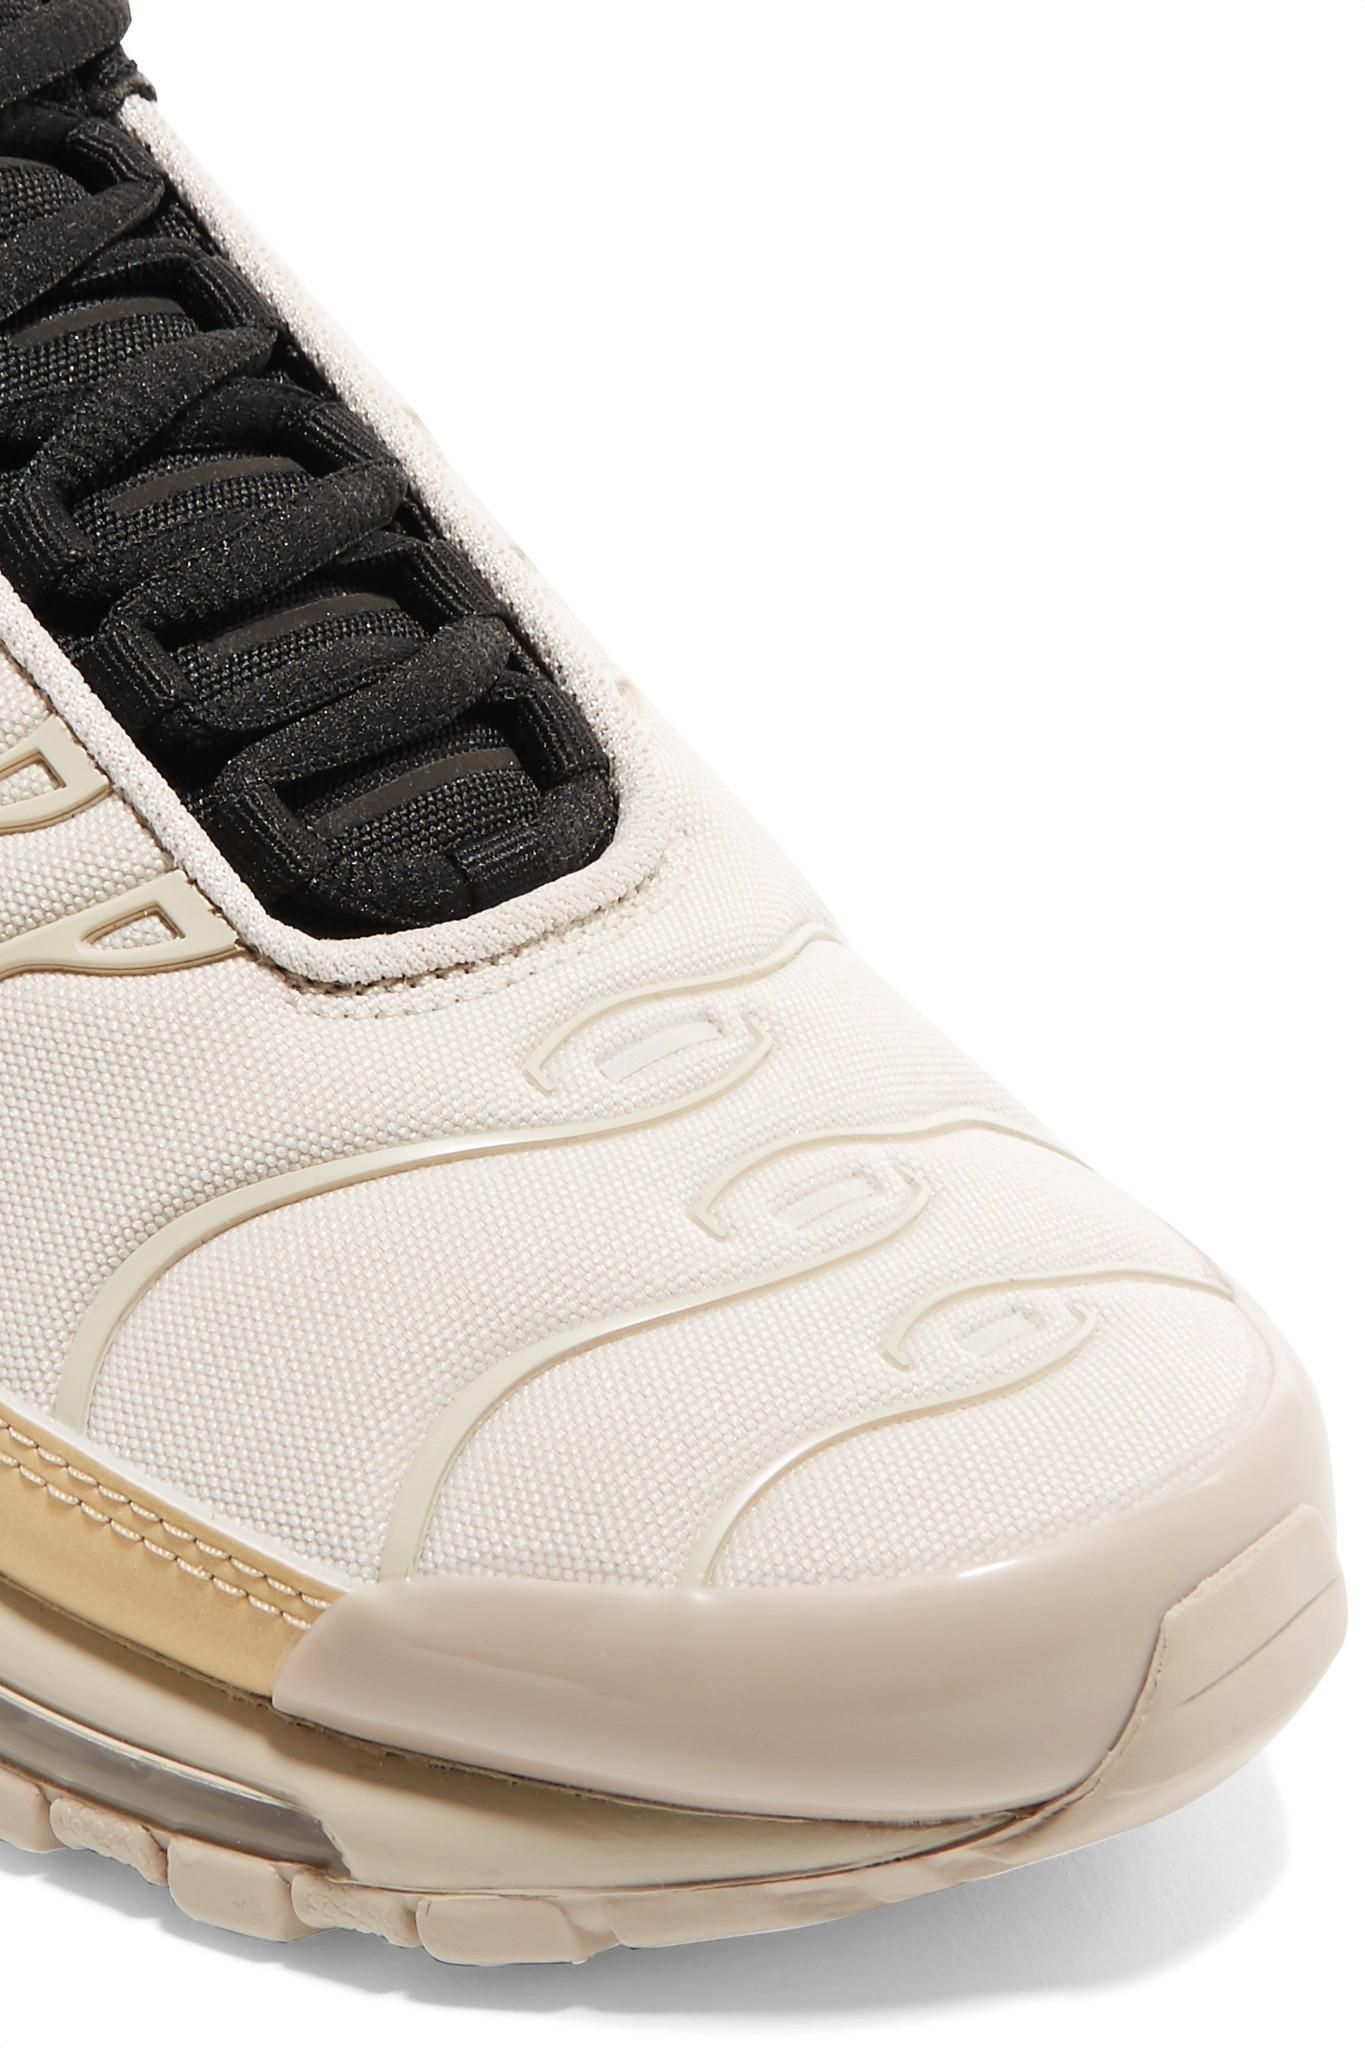 0c88f01637c1c0 Nike - Natural Air Max 97 Plus Neoprene